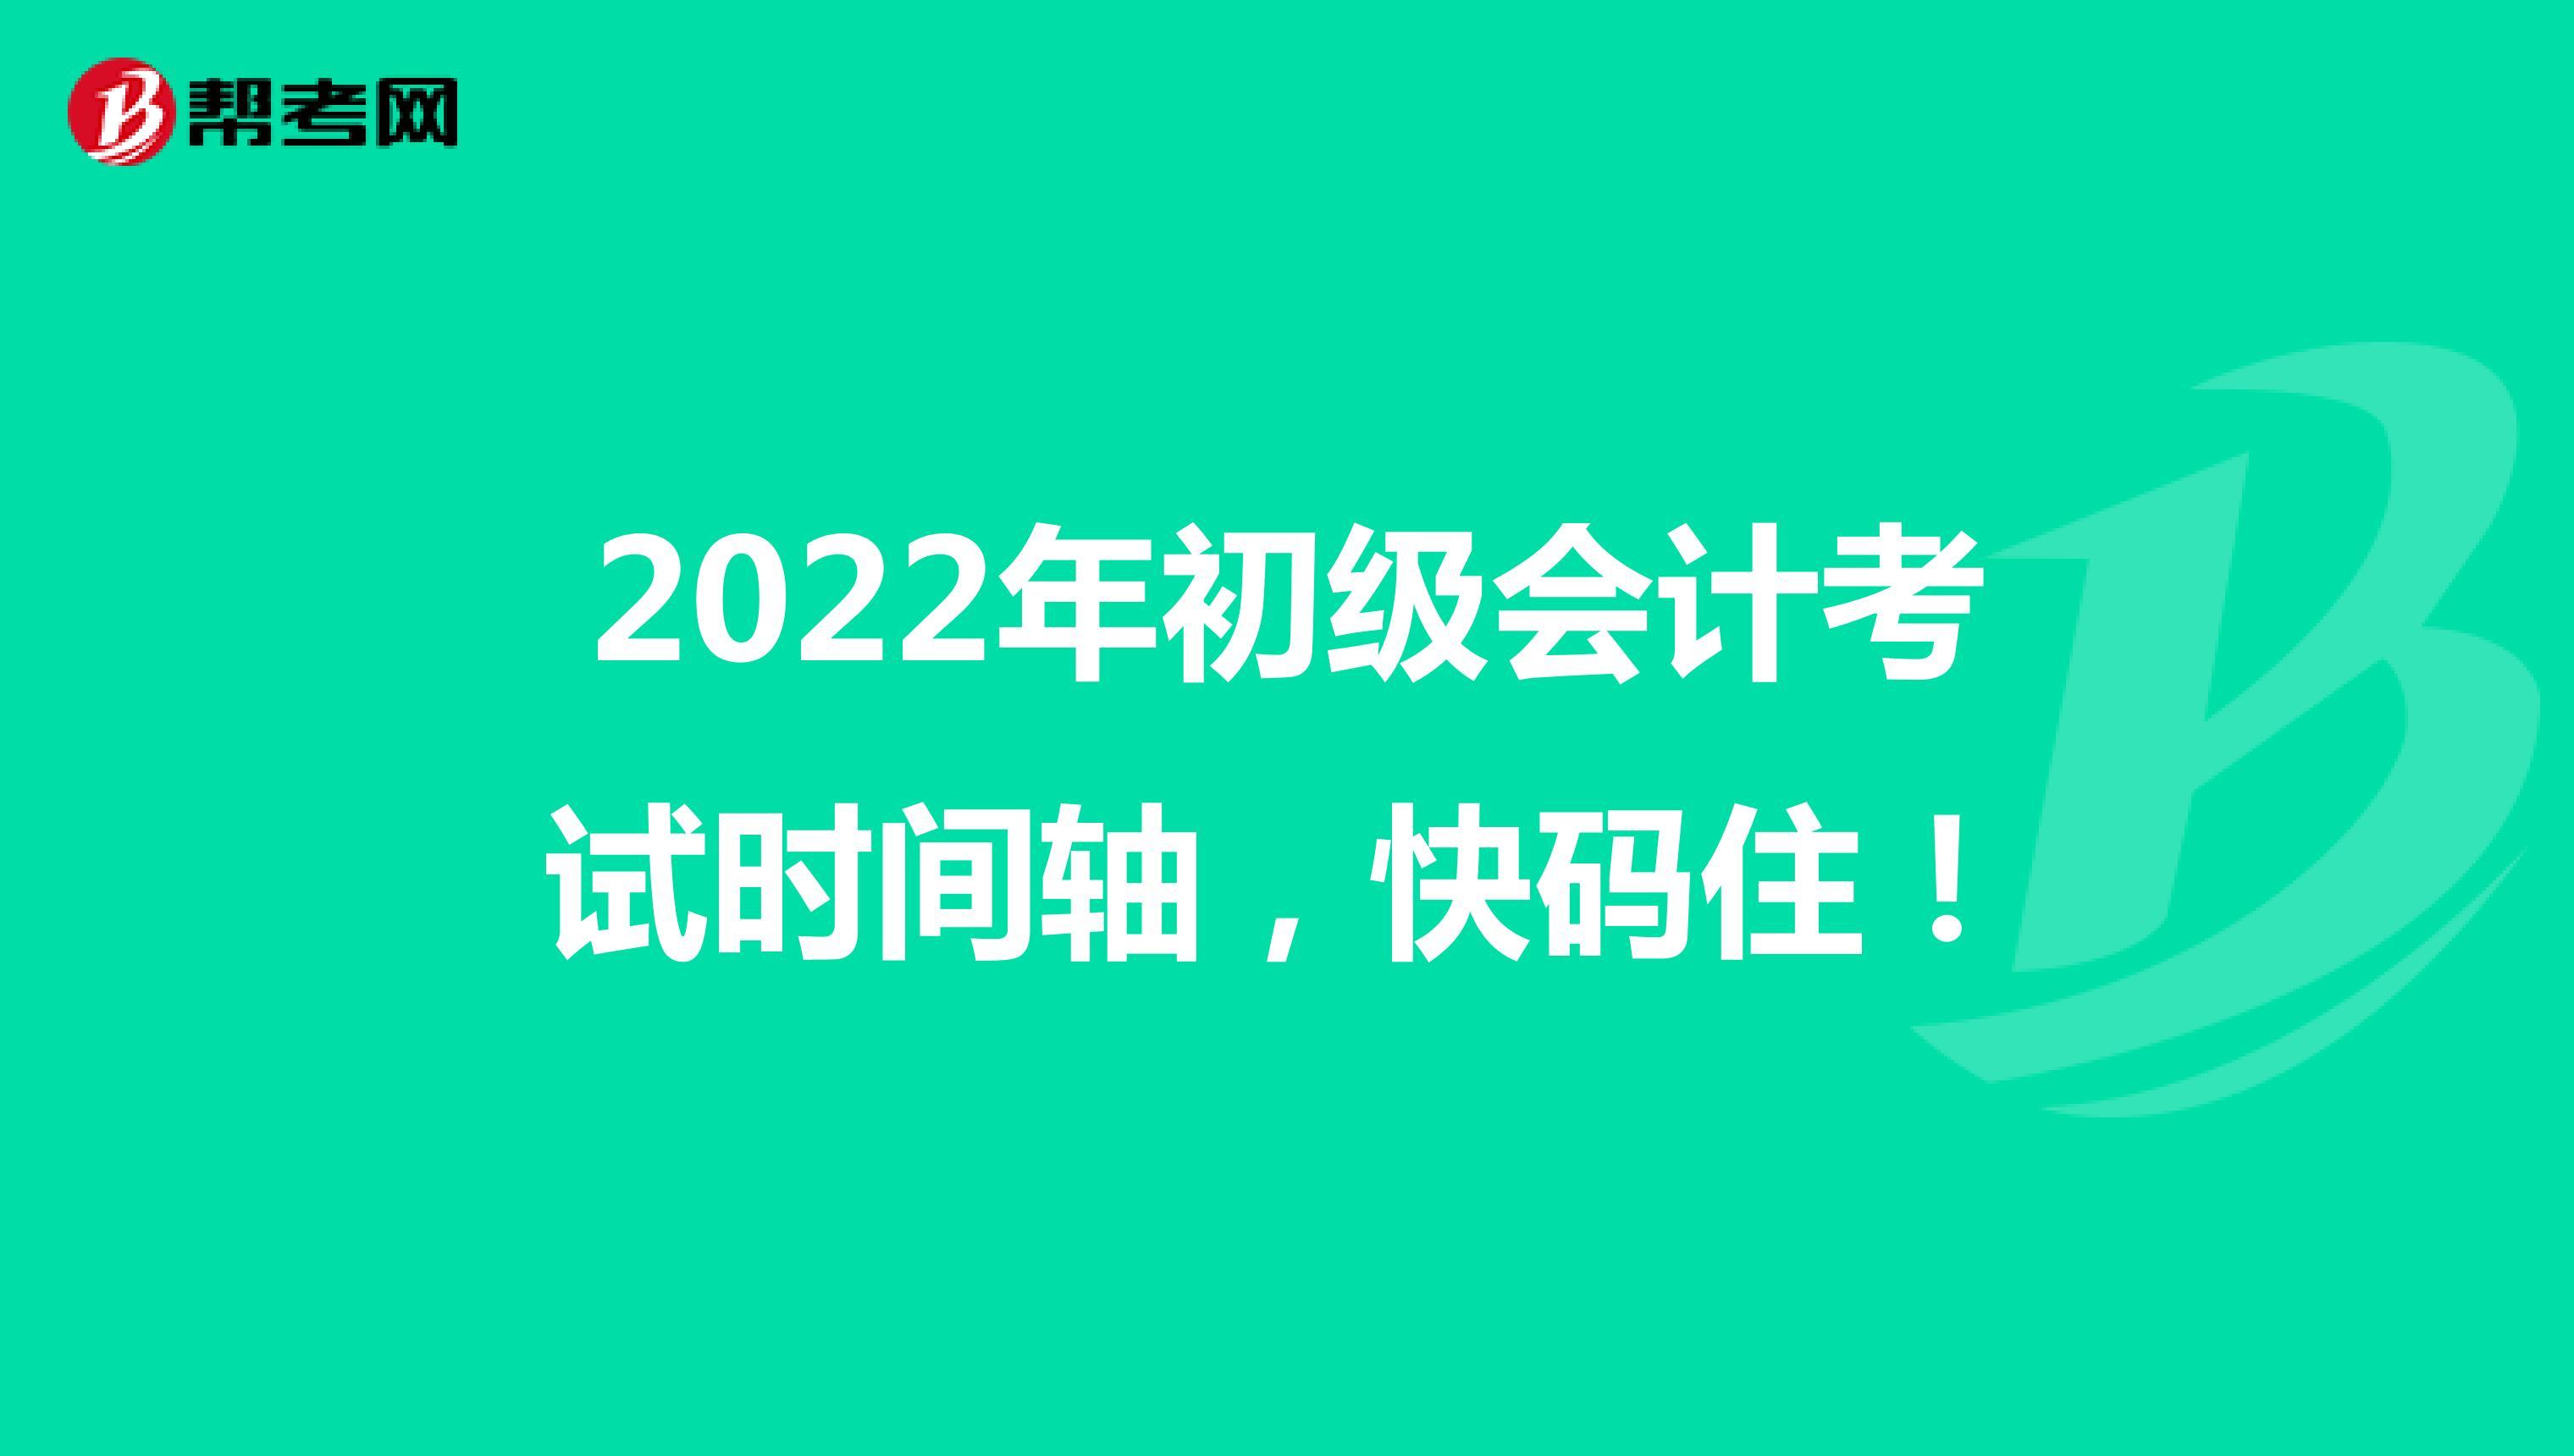 2022年初级会计考试时间轴,快码住!